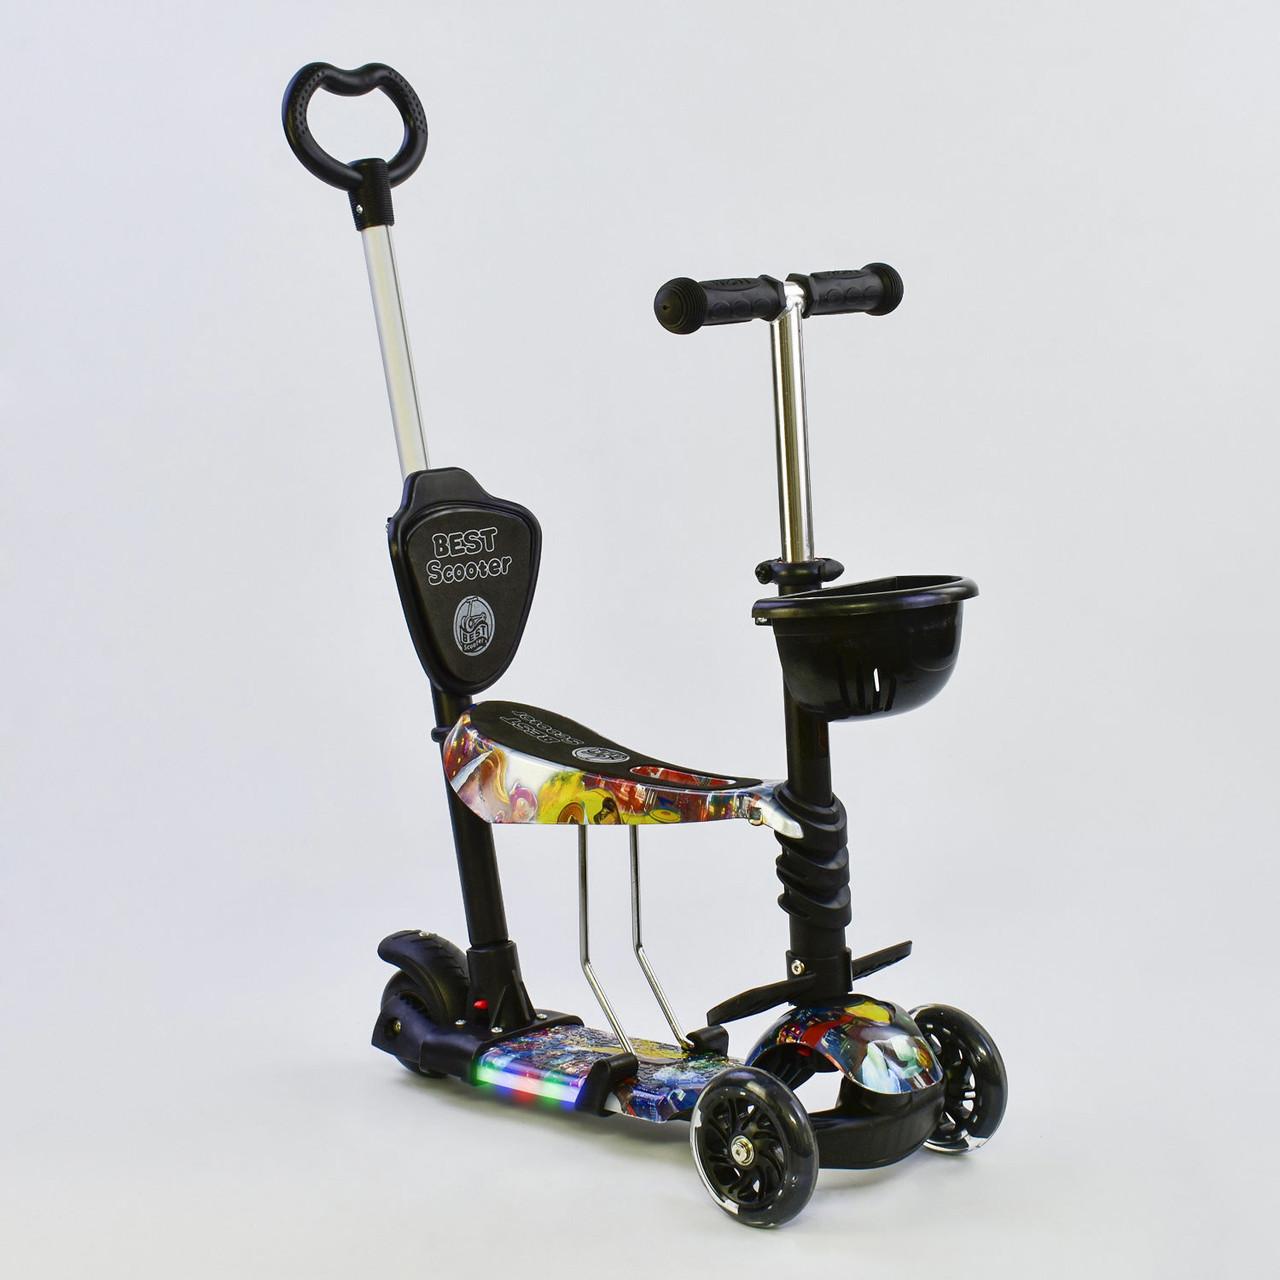 Самокат 5в1 Best Scooter 67050 PU колеса Гарантия качества Быстрая доставка